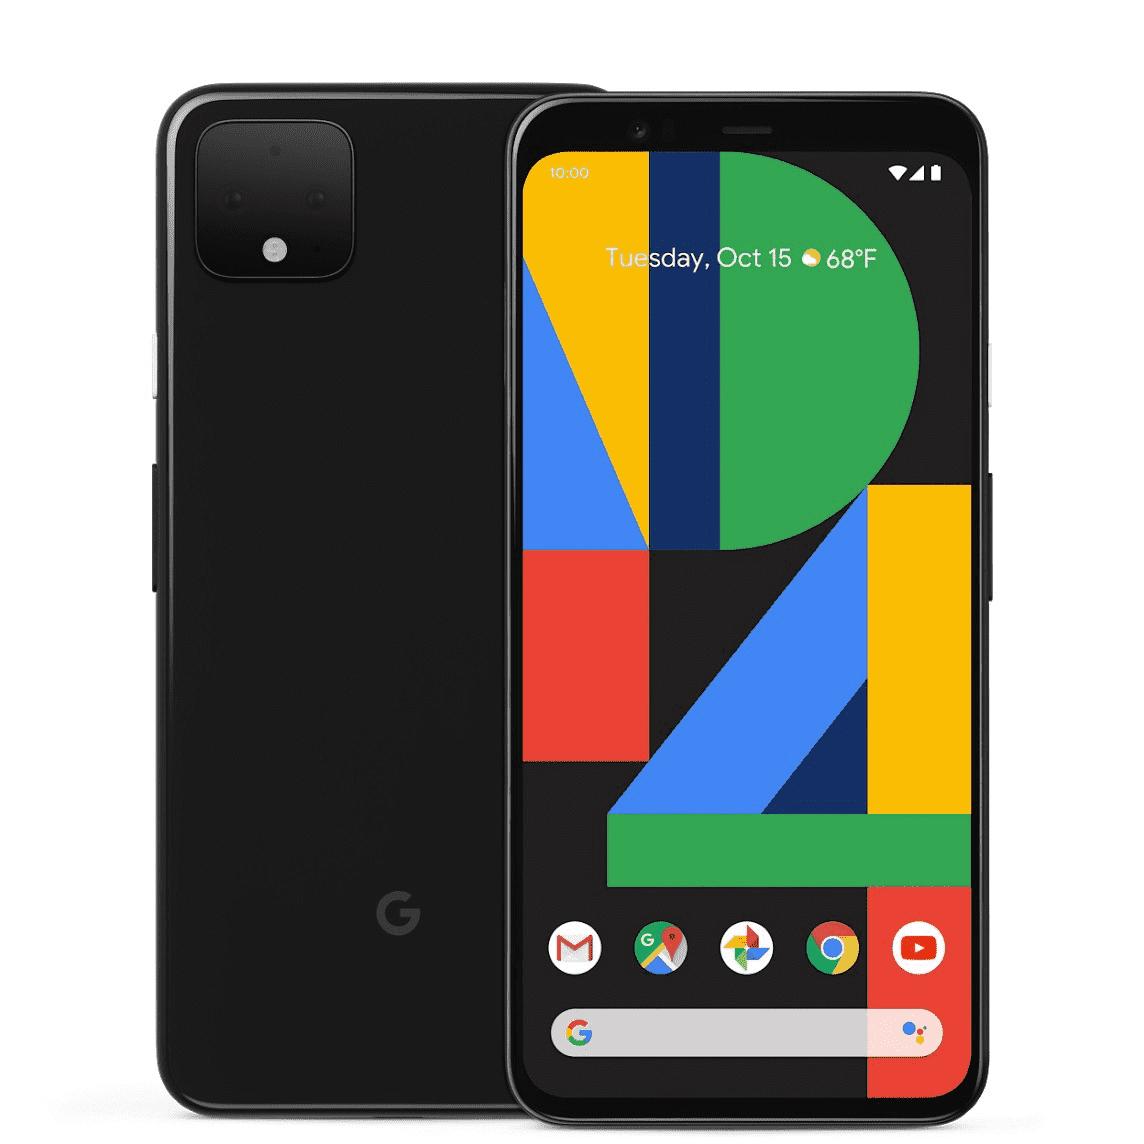 Google Pixel 4 für 19€ Zuzahlung im mobilcom debitel Vodafone Green (16GB LTE) für mtl. 36,99€ (AG Erstattung möglich)